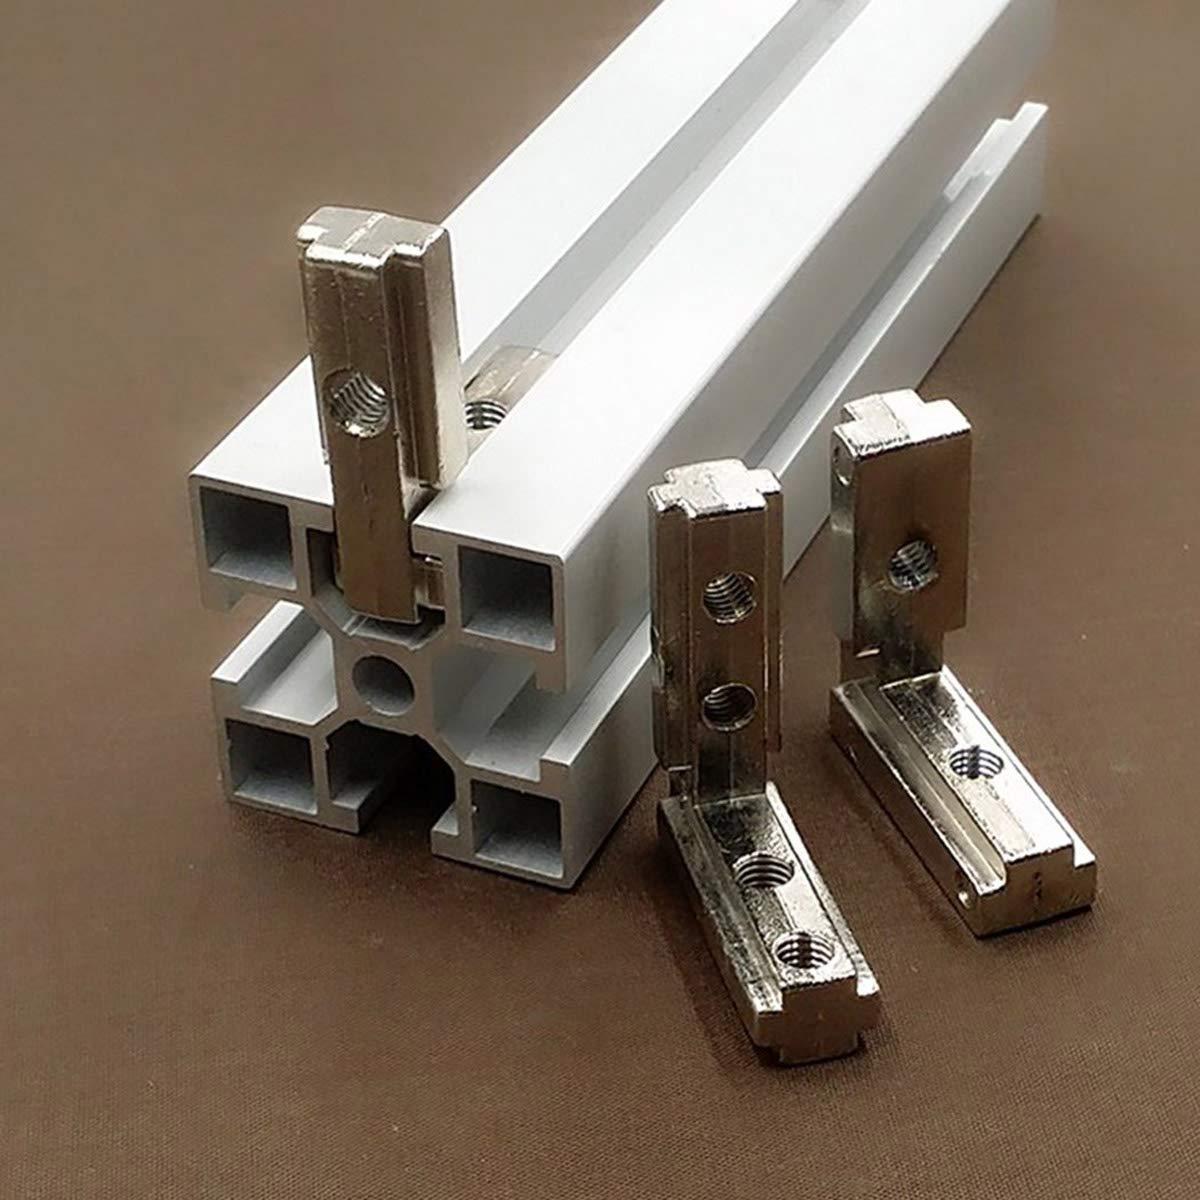 Mengger 20pcs Staffa Angolare T Slot Profilo in Alluminio Staffe a Forma di L Carbonio Connettore dAngolo Interno da 90 Gradi Tono dArgento UE standard 2020